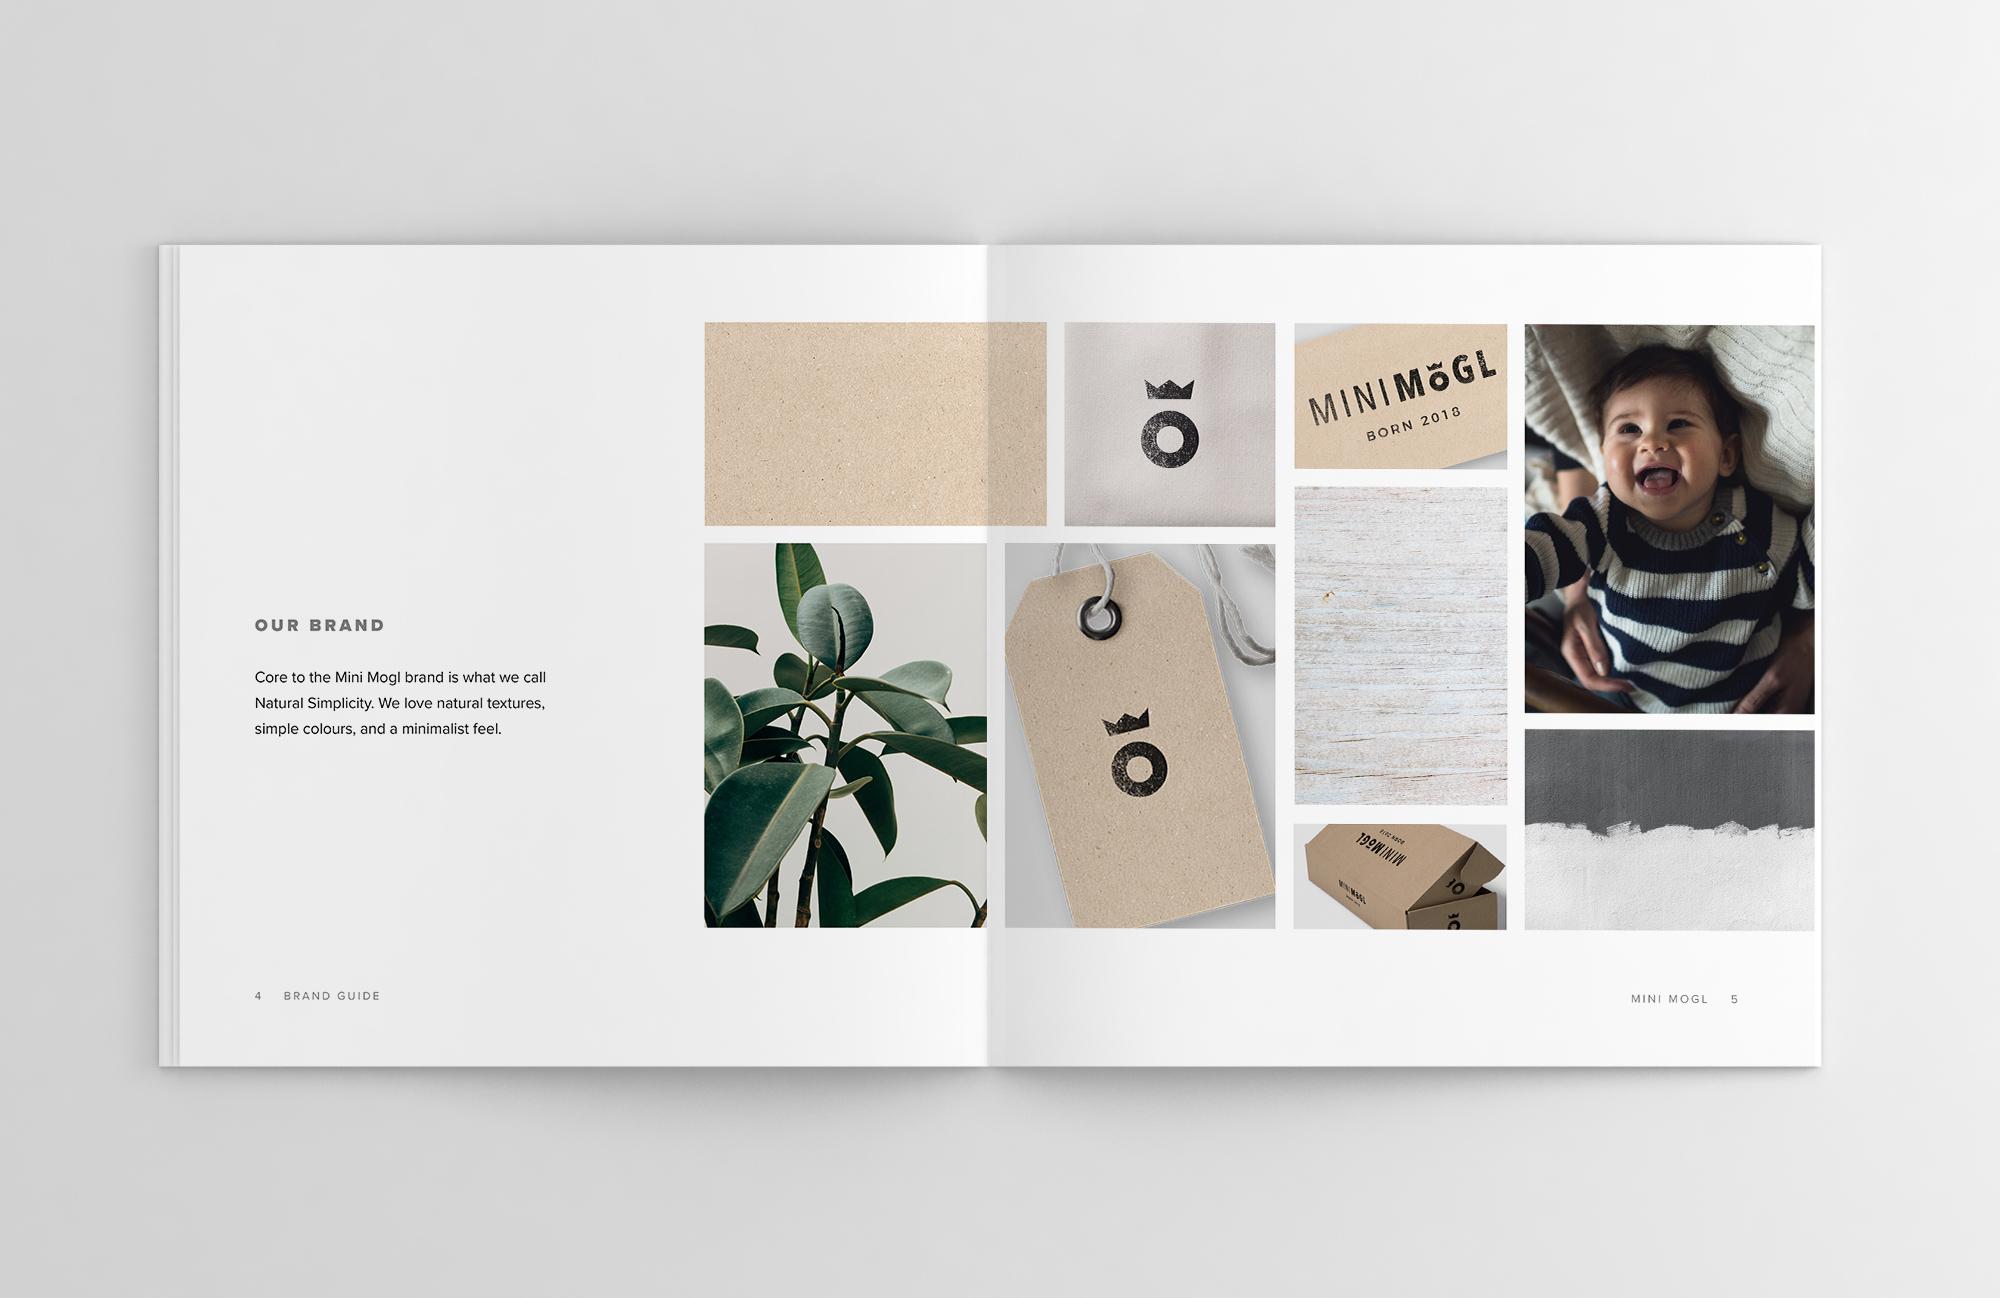 mini-mogl-brand-guide-01